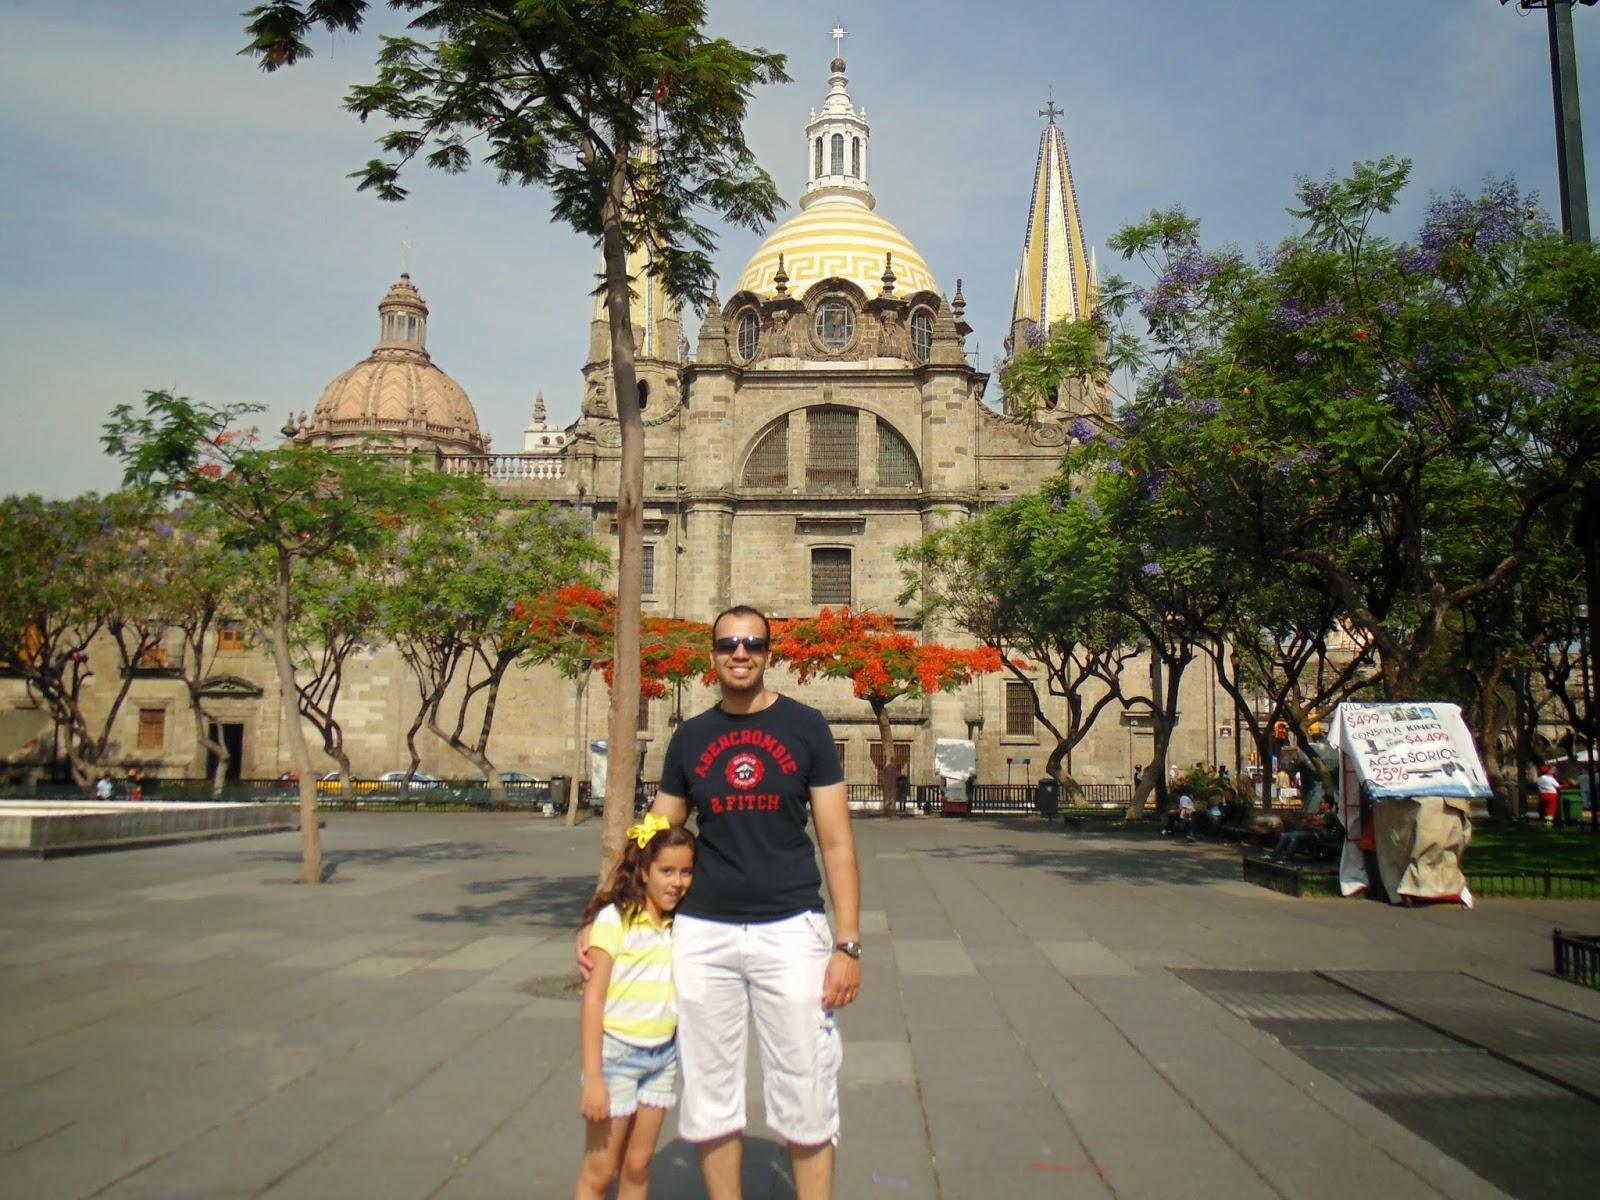 Brasileira no Mexico